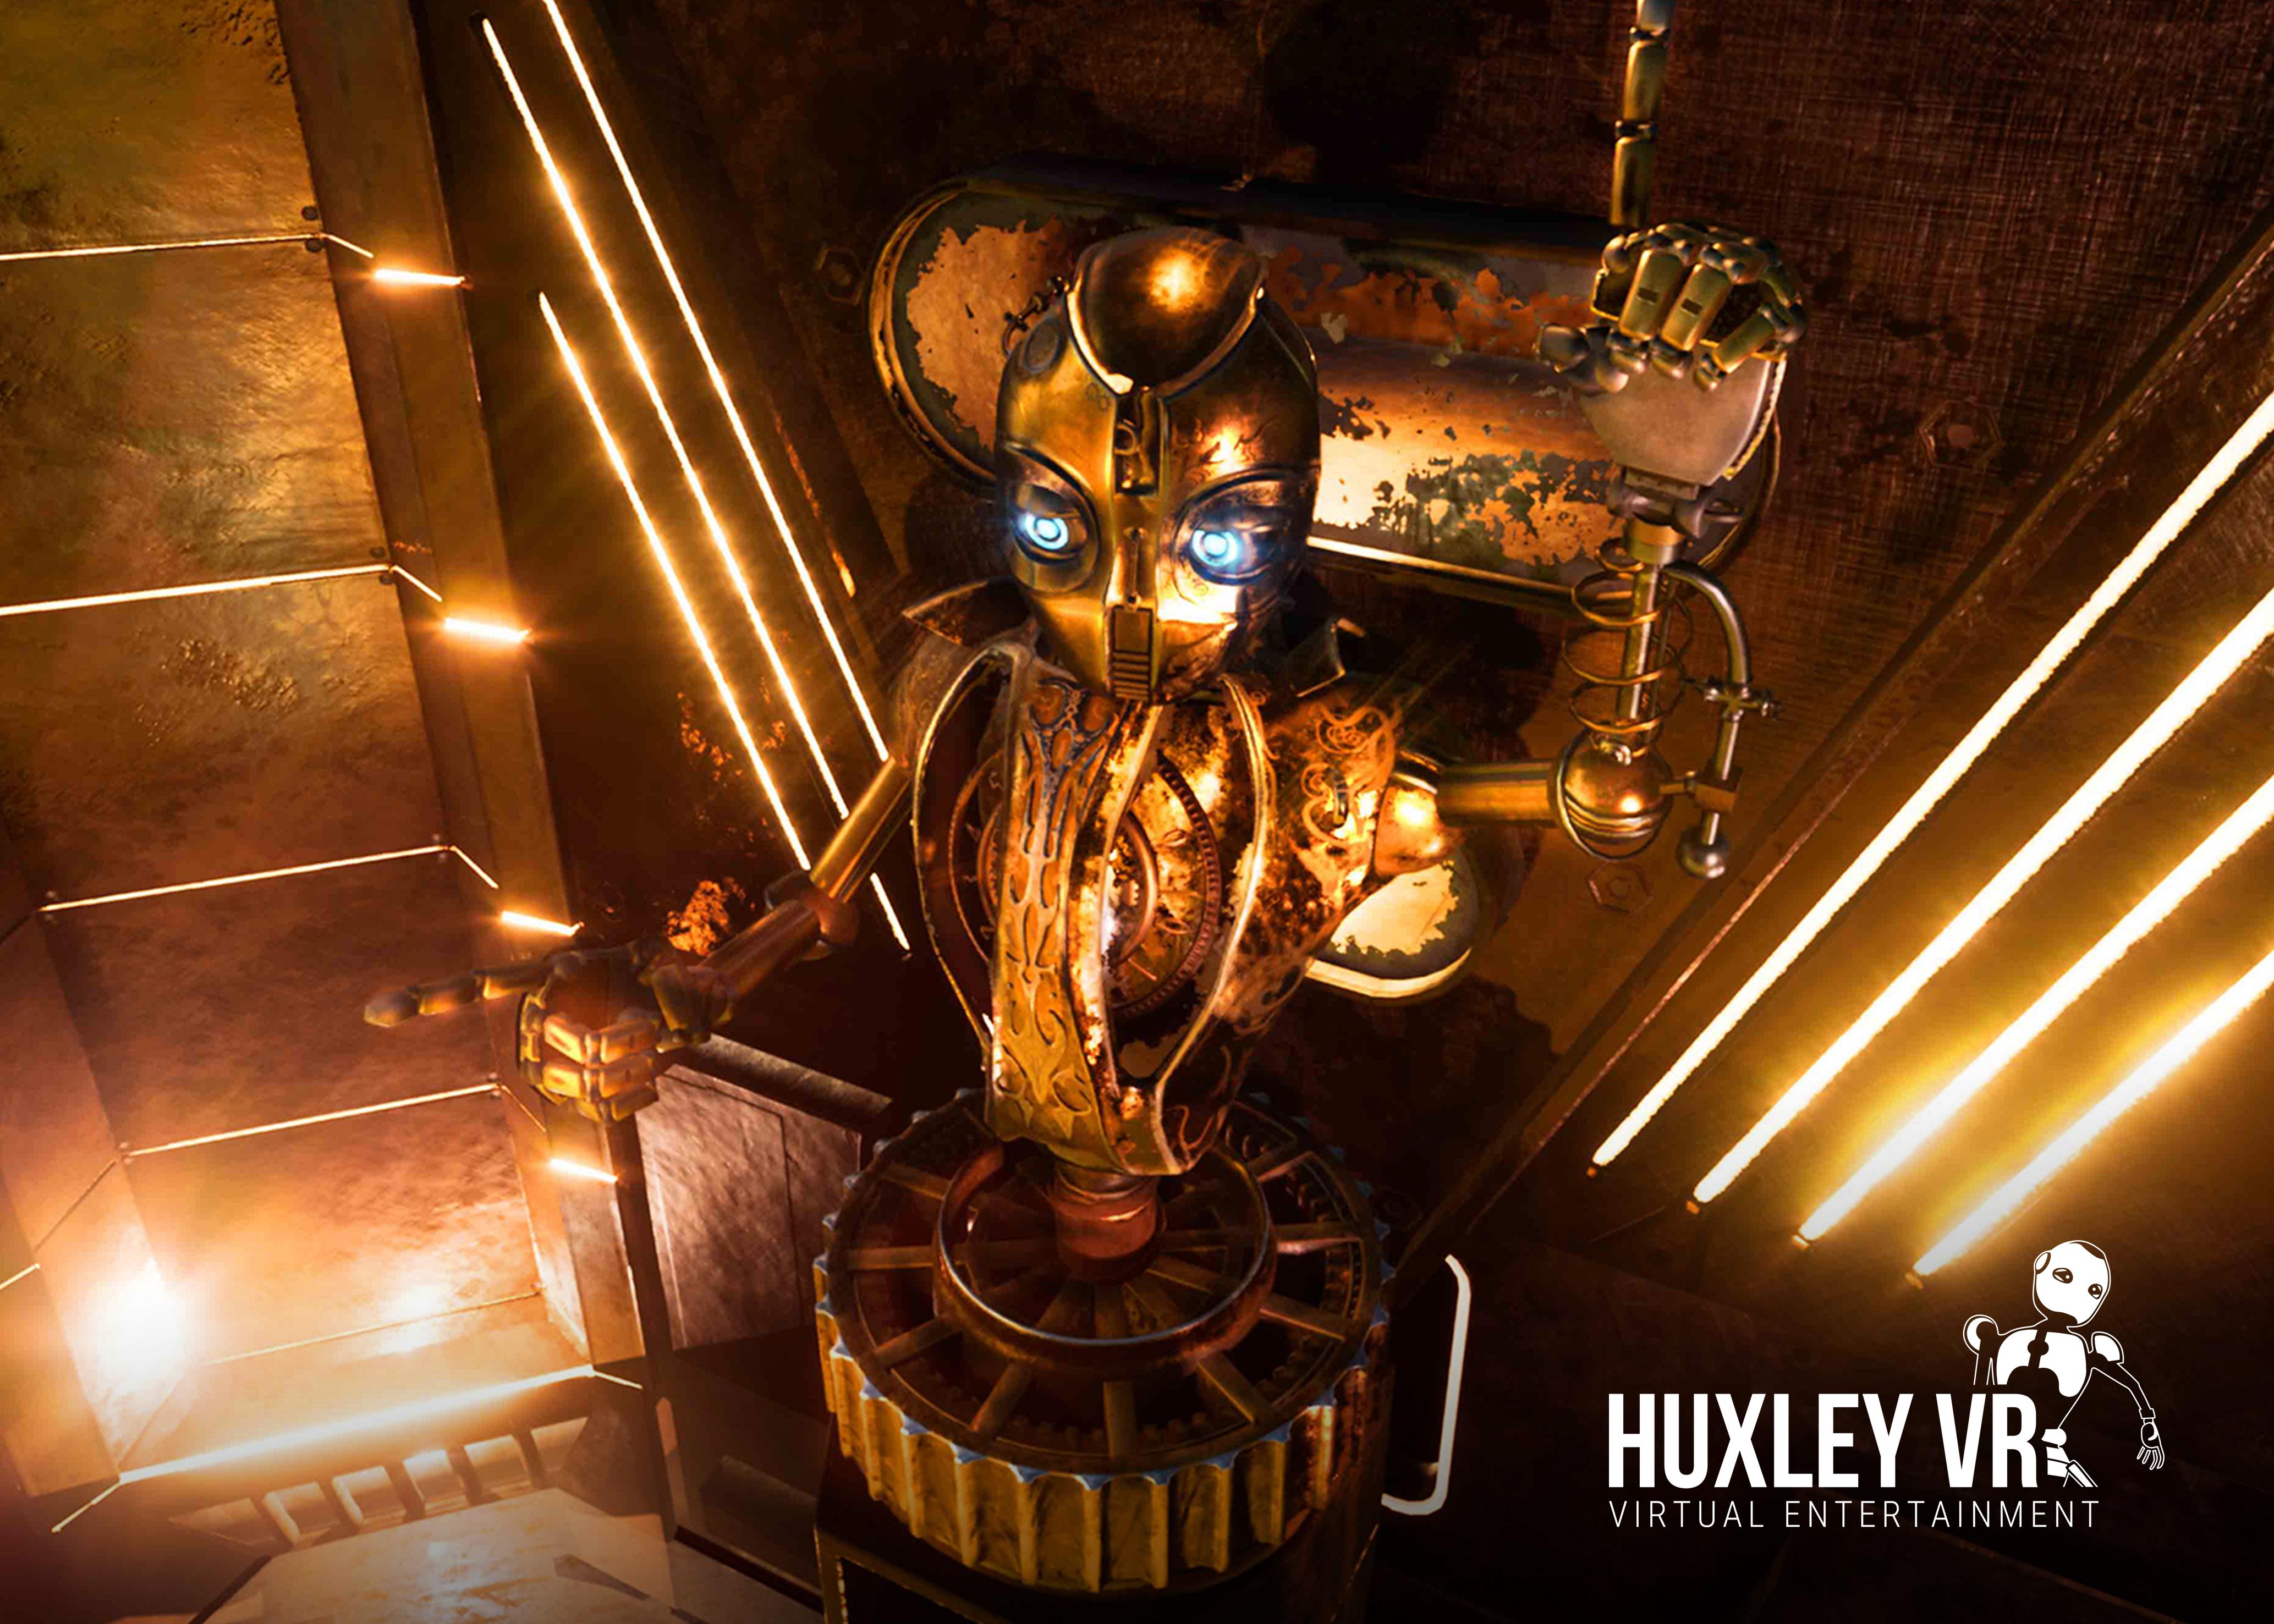 Huxley II-I